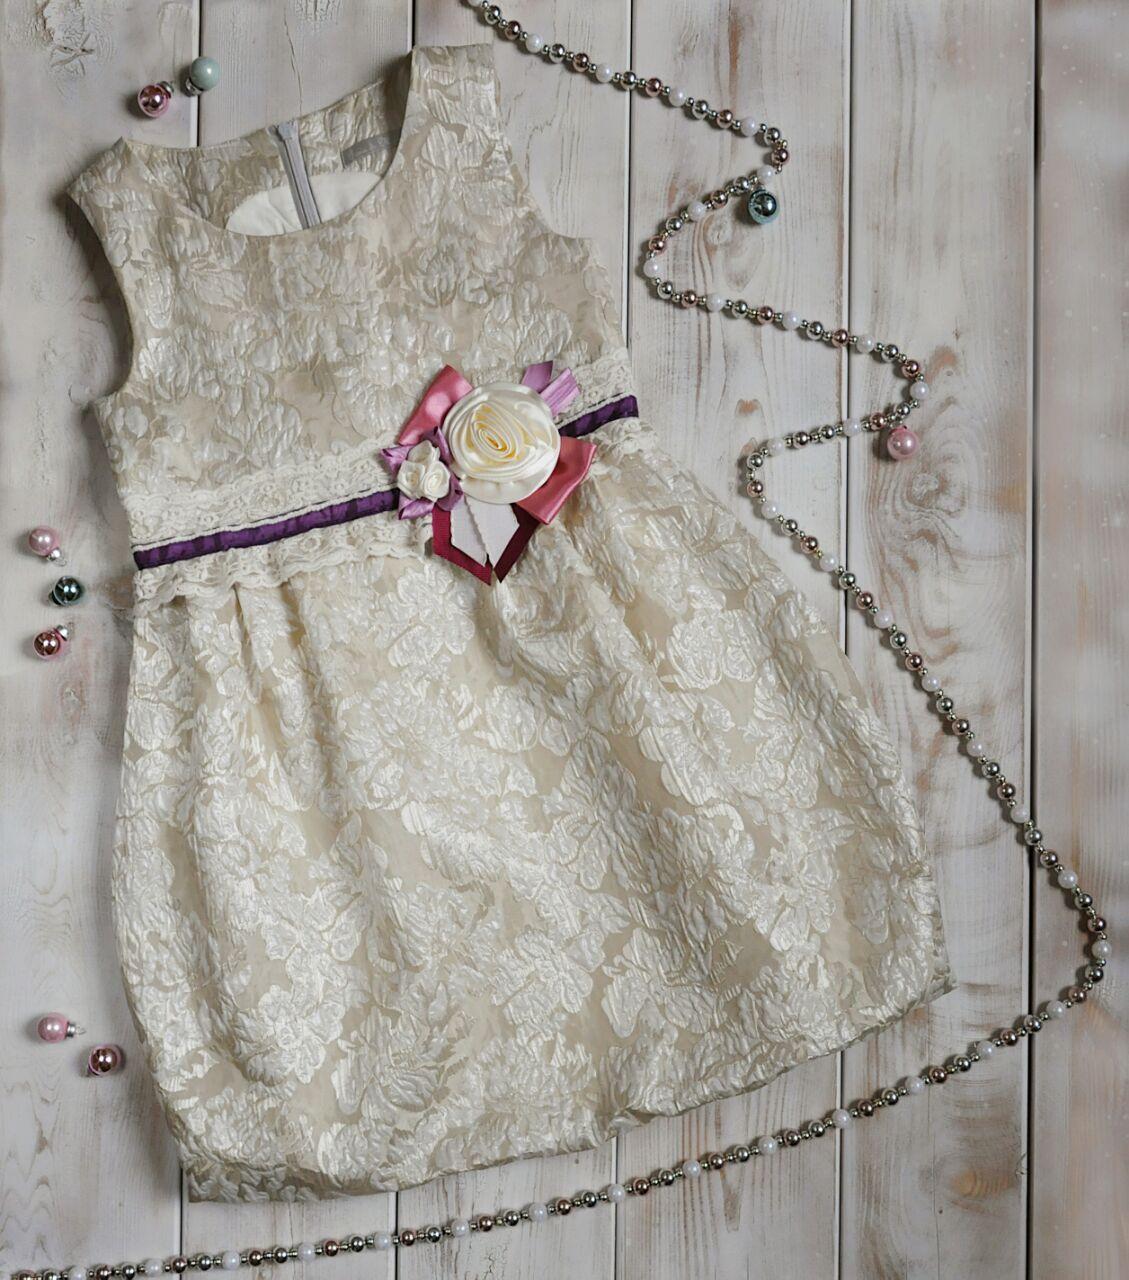 Сбор заказов.Готовимся к утренникам! Дизайнерская, дорогая, качественная, очень красивая одежда для юных леди и джентльменов-12. New- новорожденка(0-24мес.)